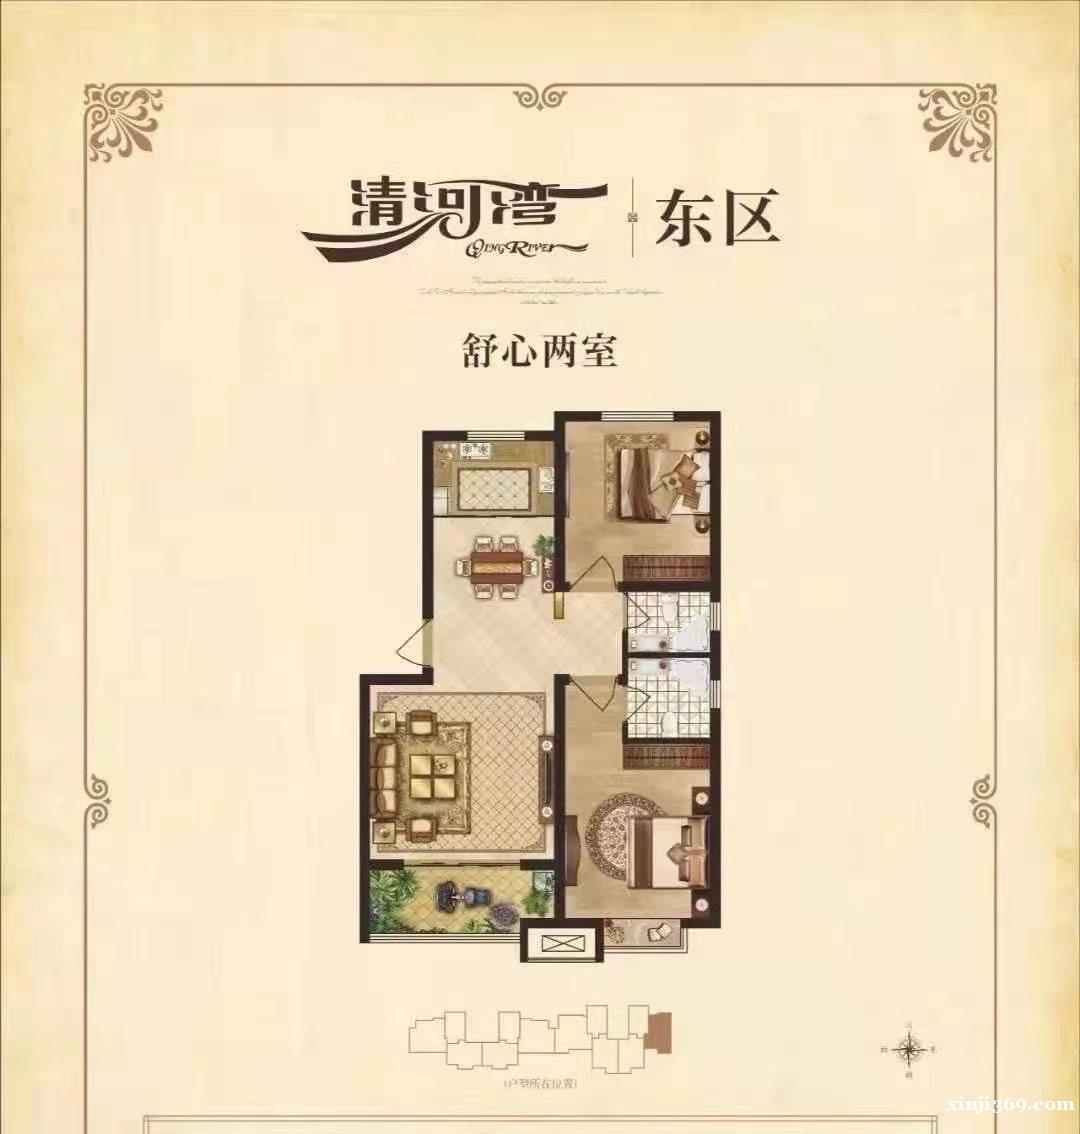 清河湾东区19楼95.14平绝版完美户型,通透简装两室两厅6